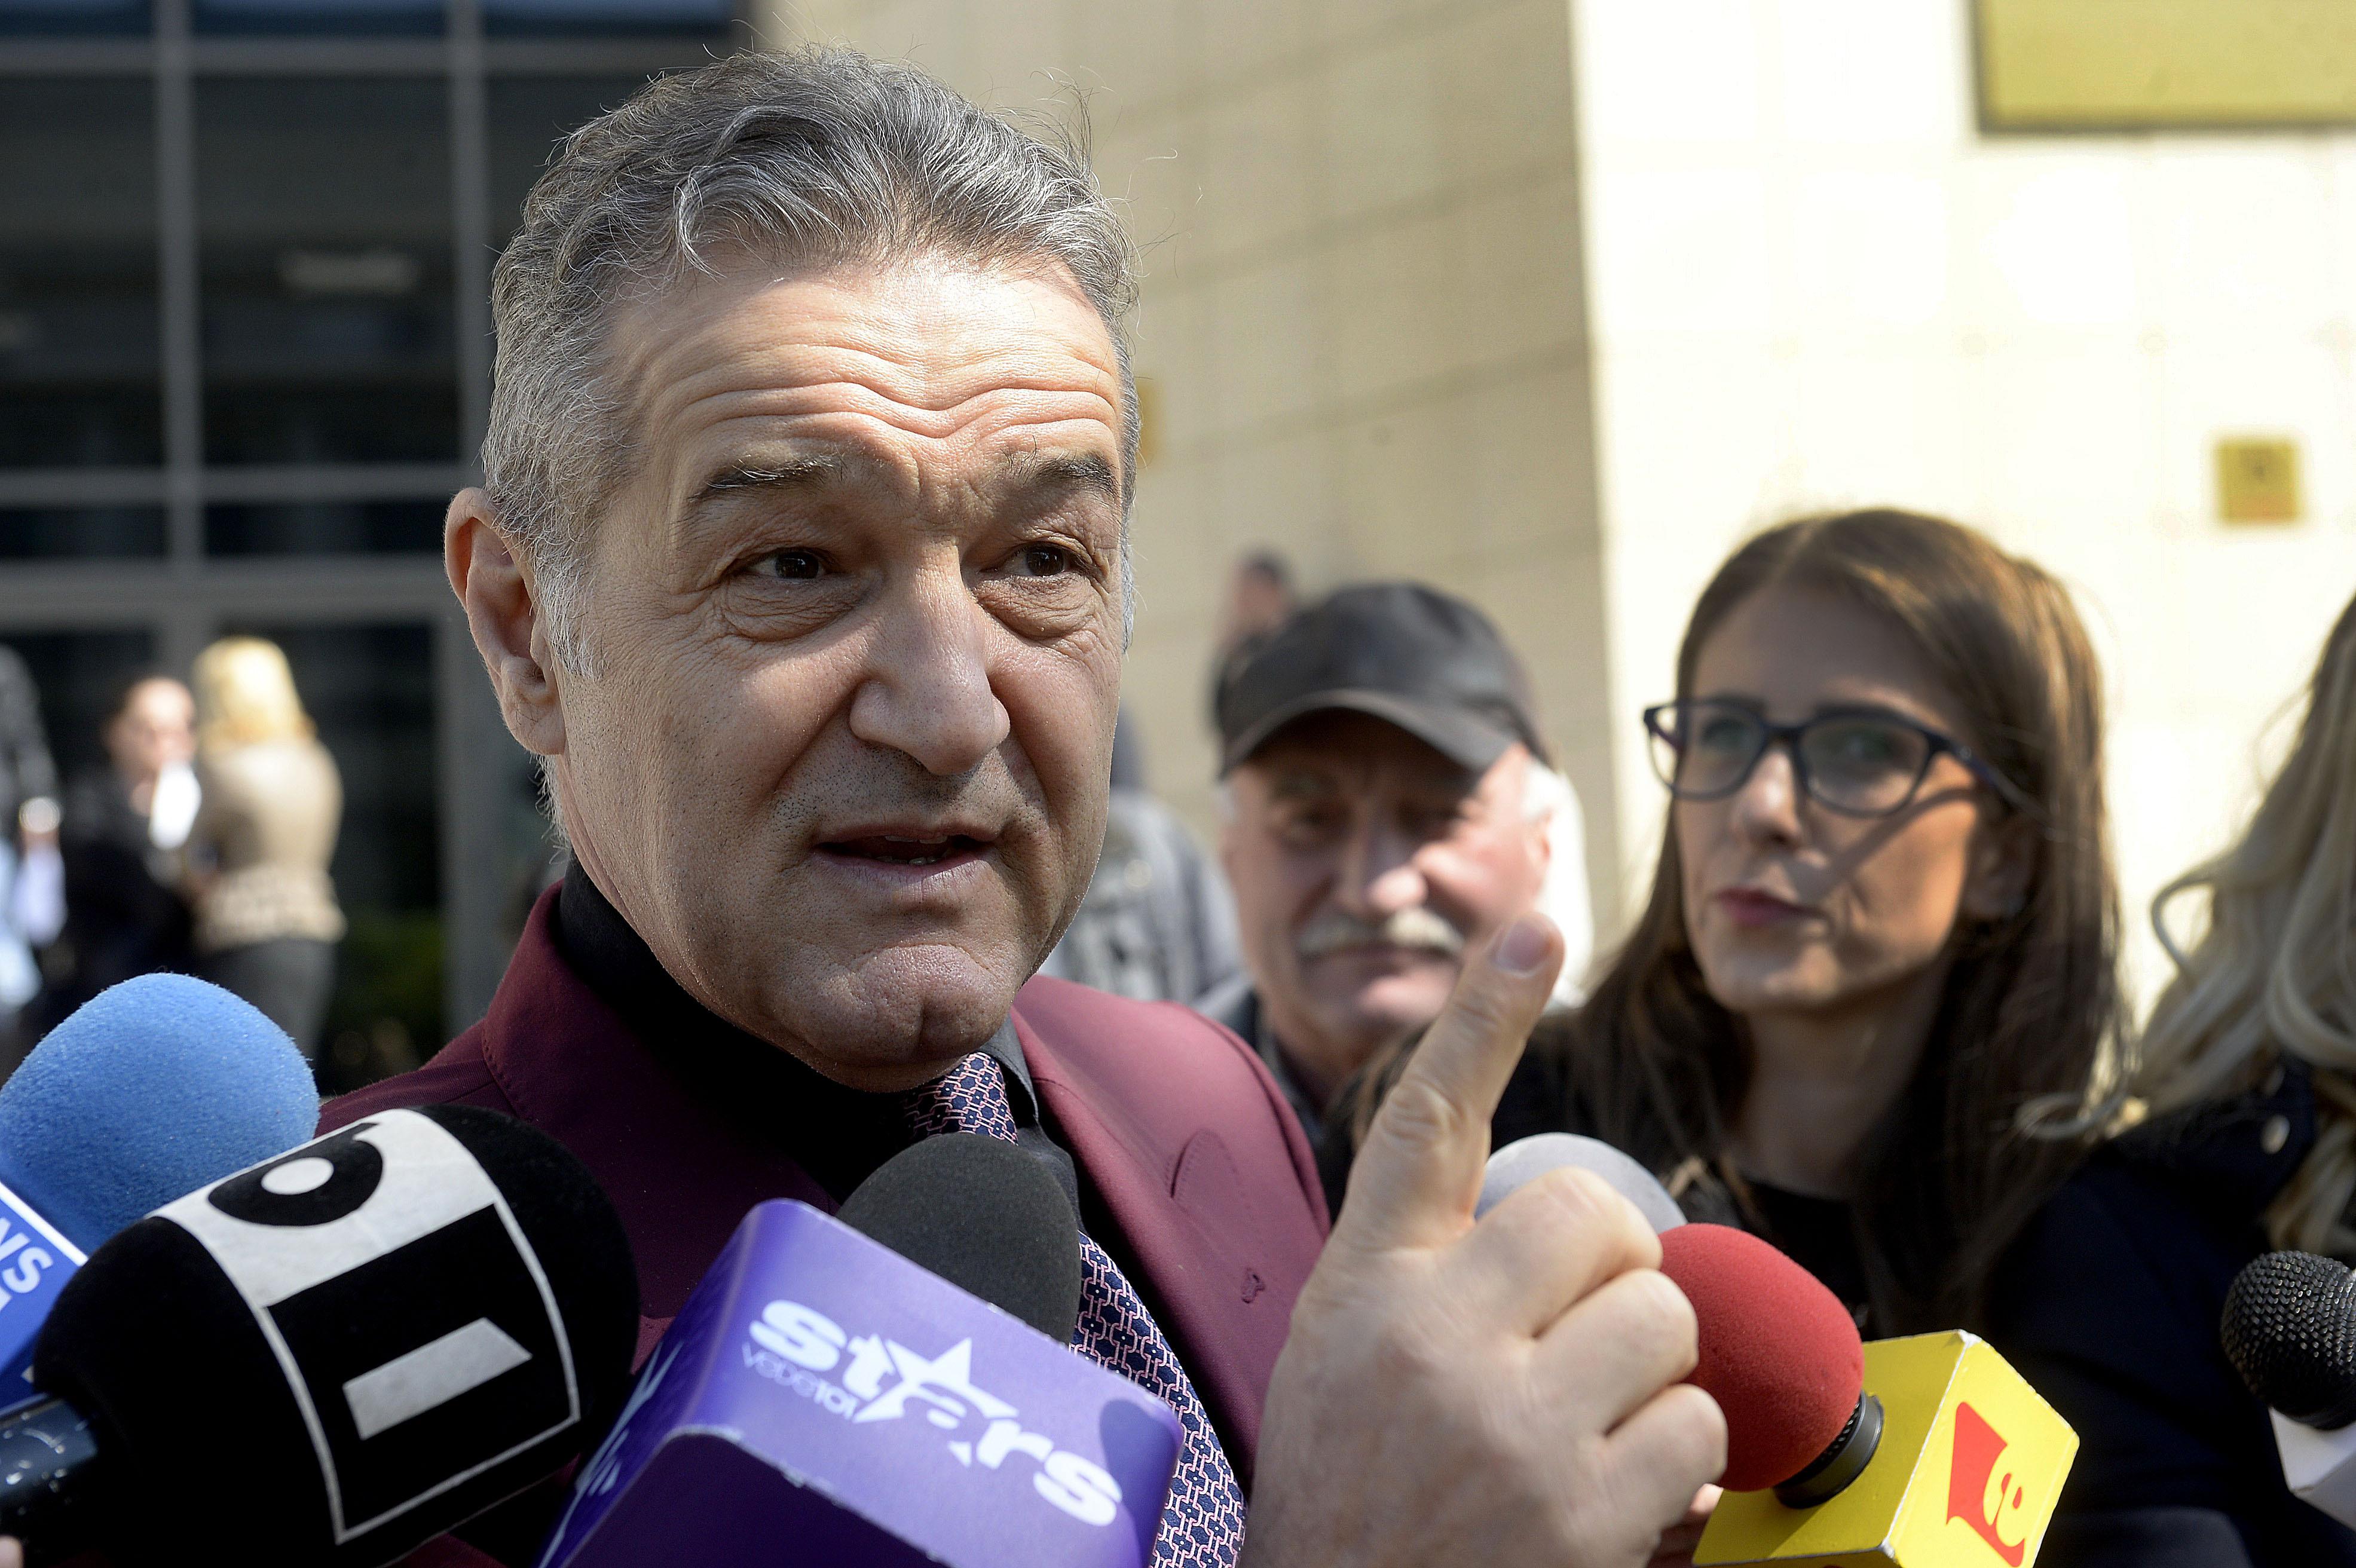 FCSB a depus contestaţie la TAS. George Becali: Dumnezeu să hotărască dacă a fost dreptate sau nu